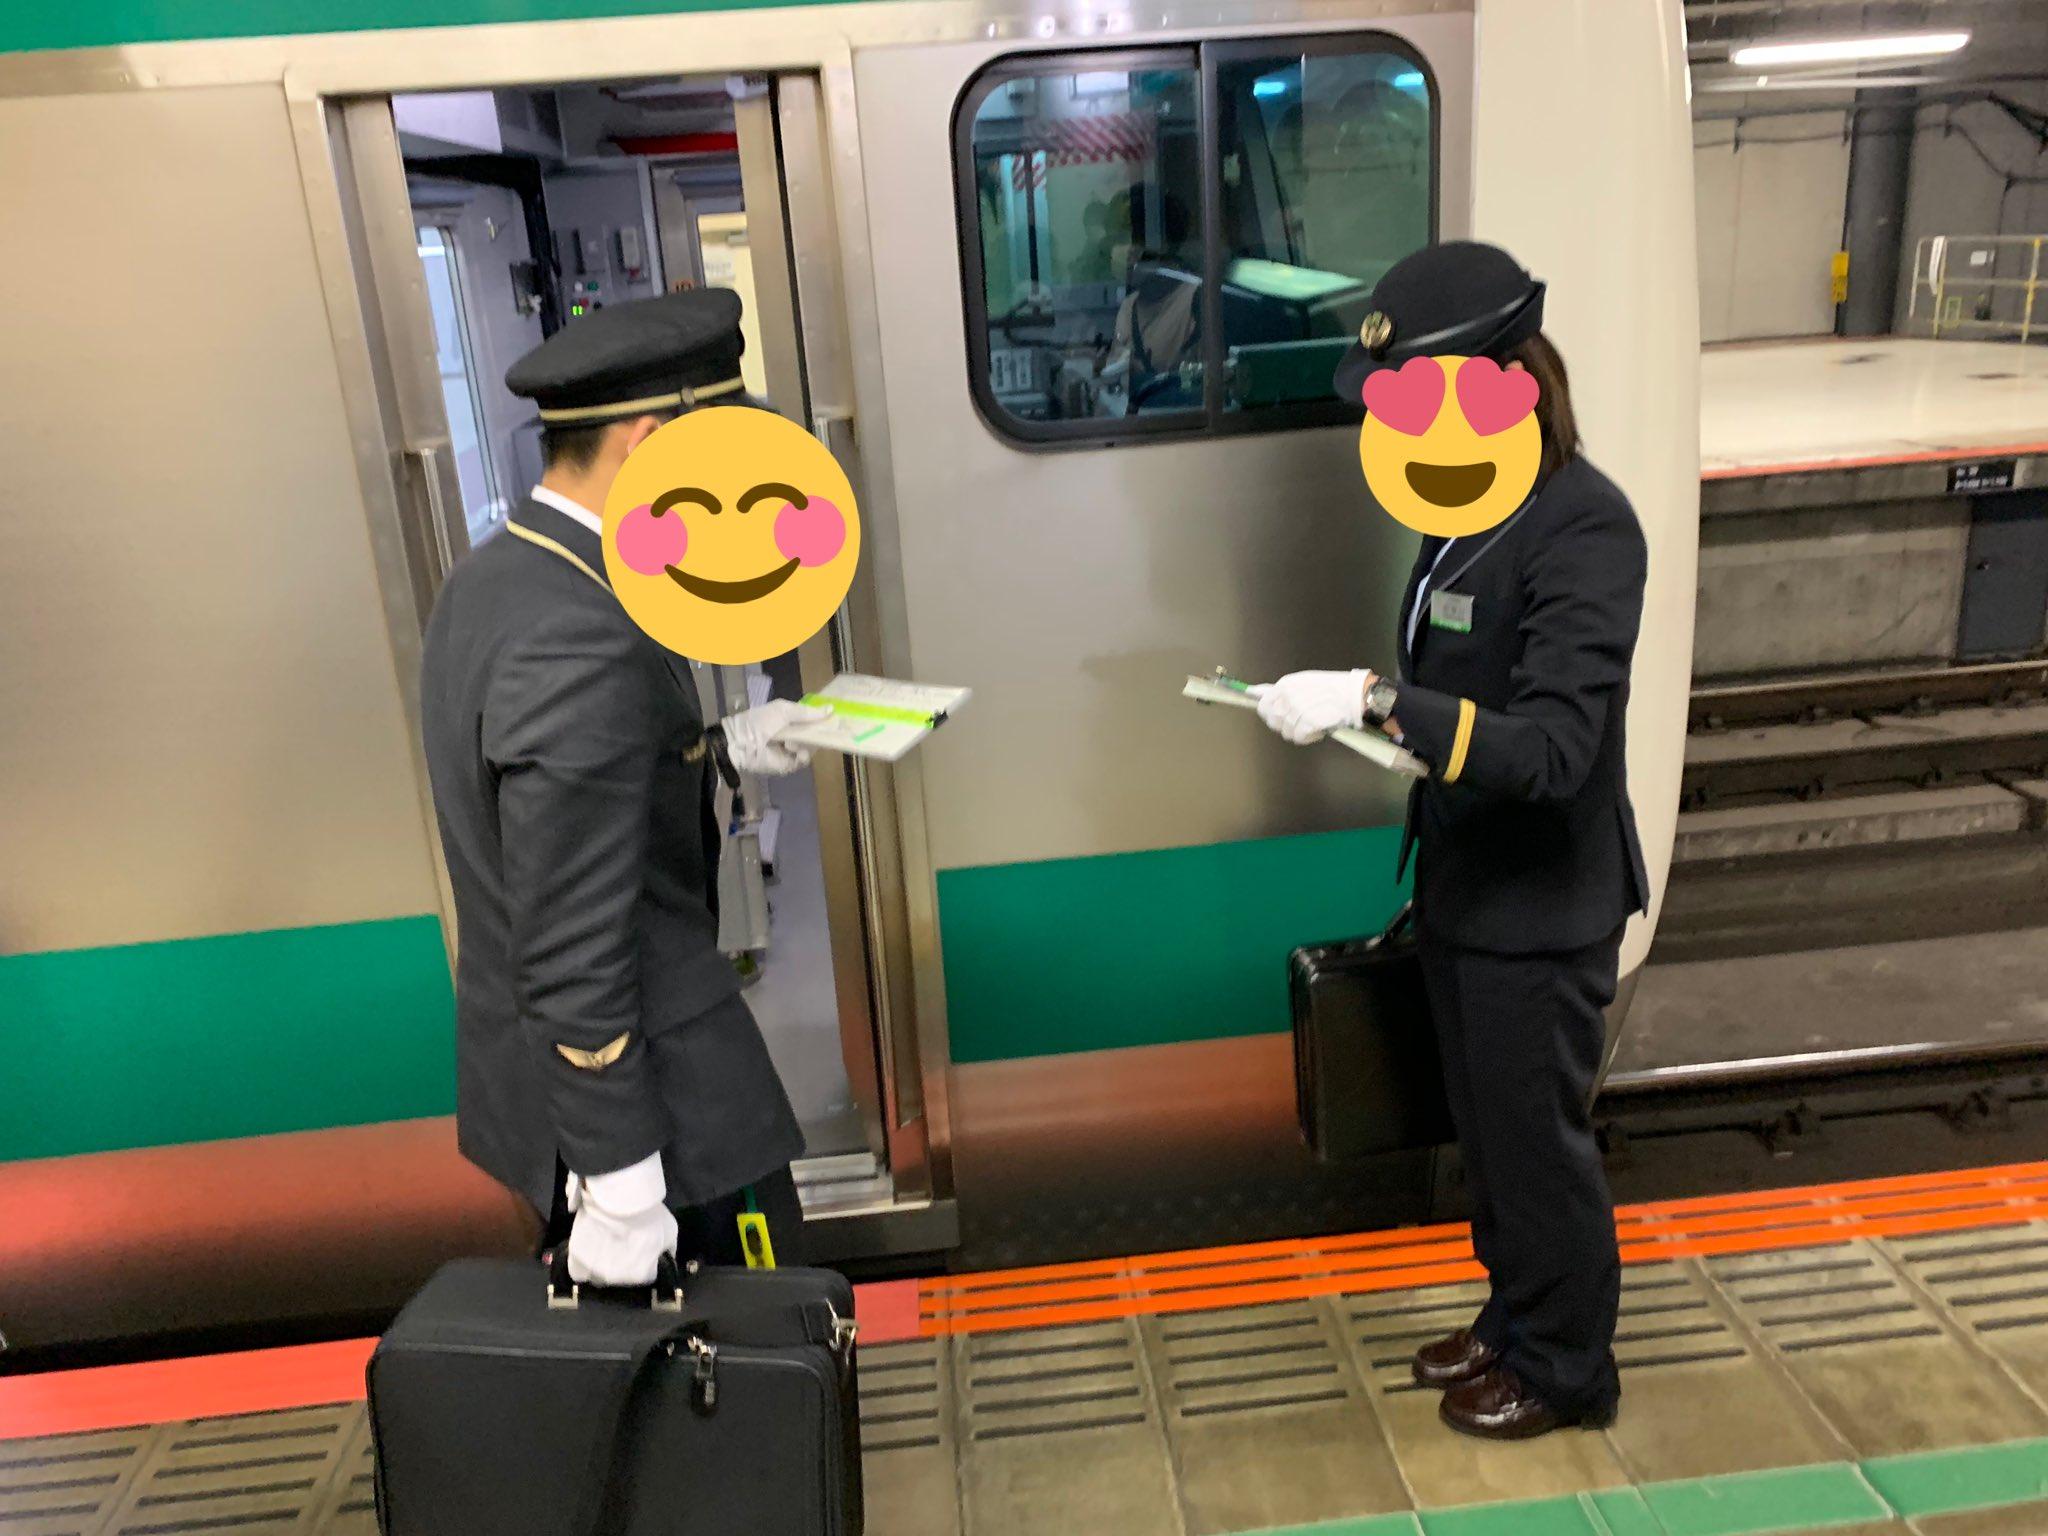 【17年ぶり】JR東日本が本日5/1から接客制服をリニューアル